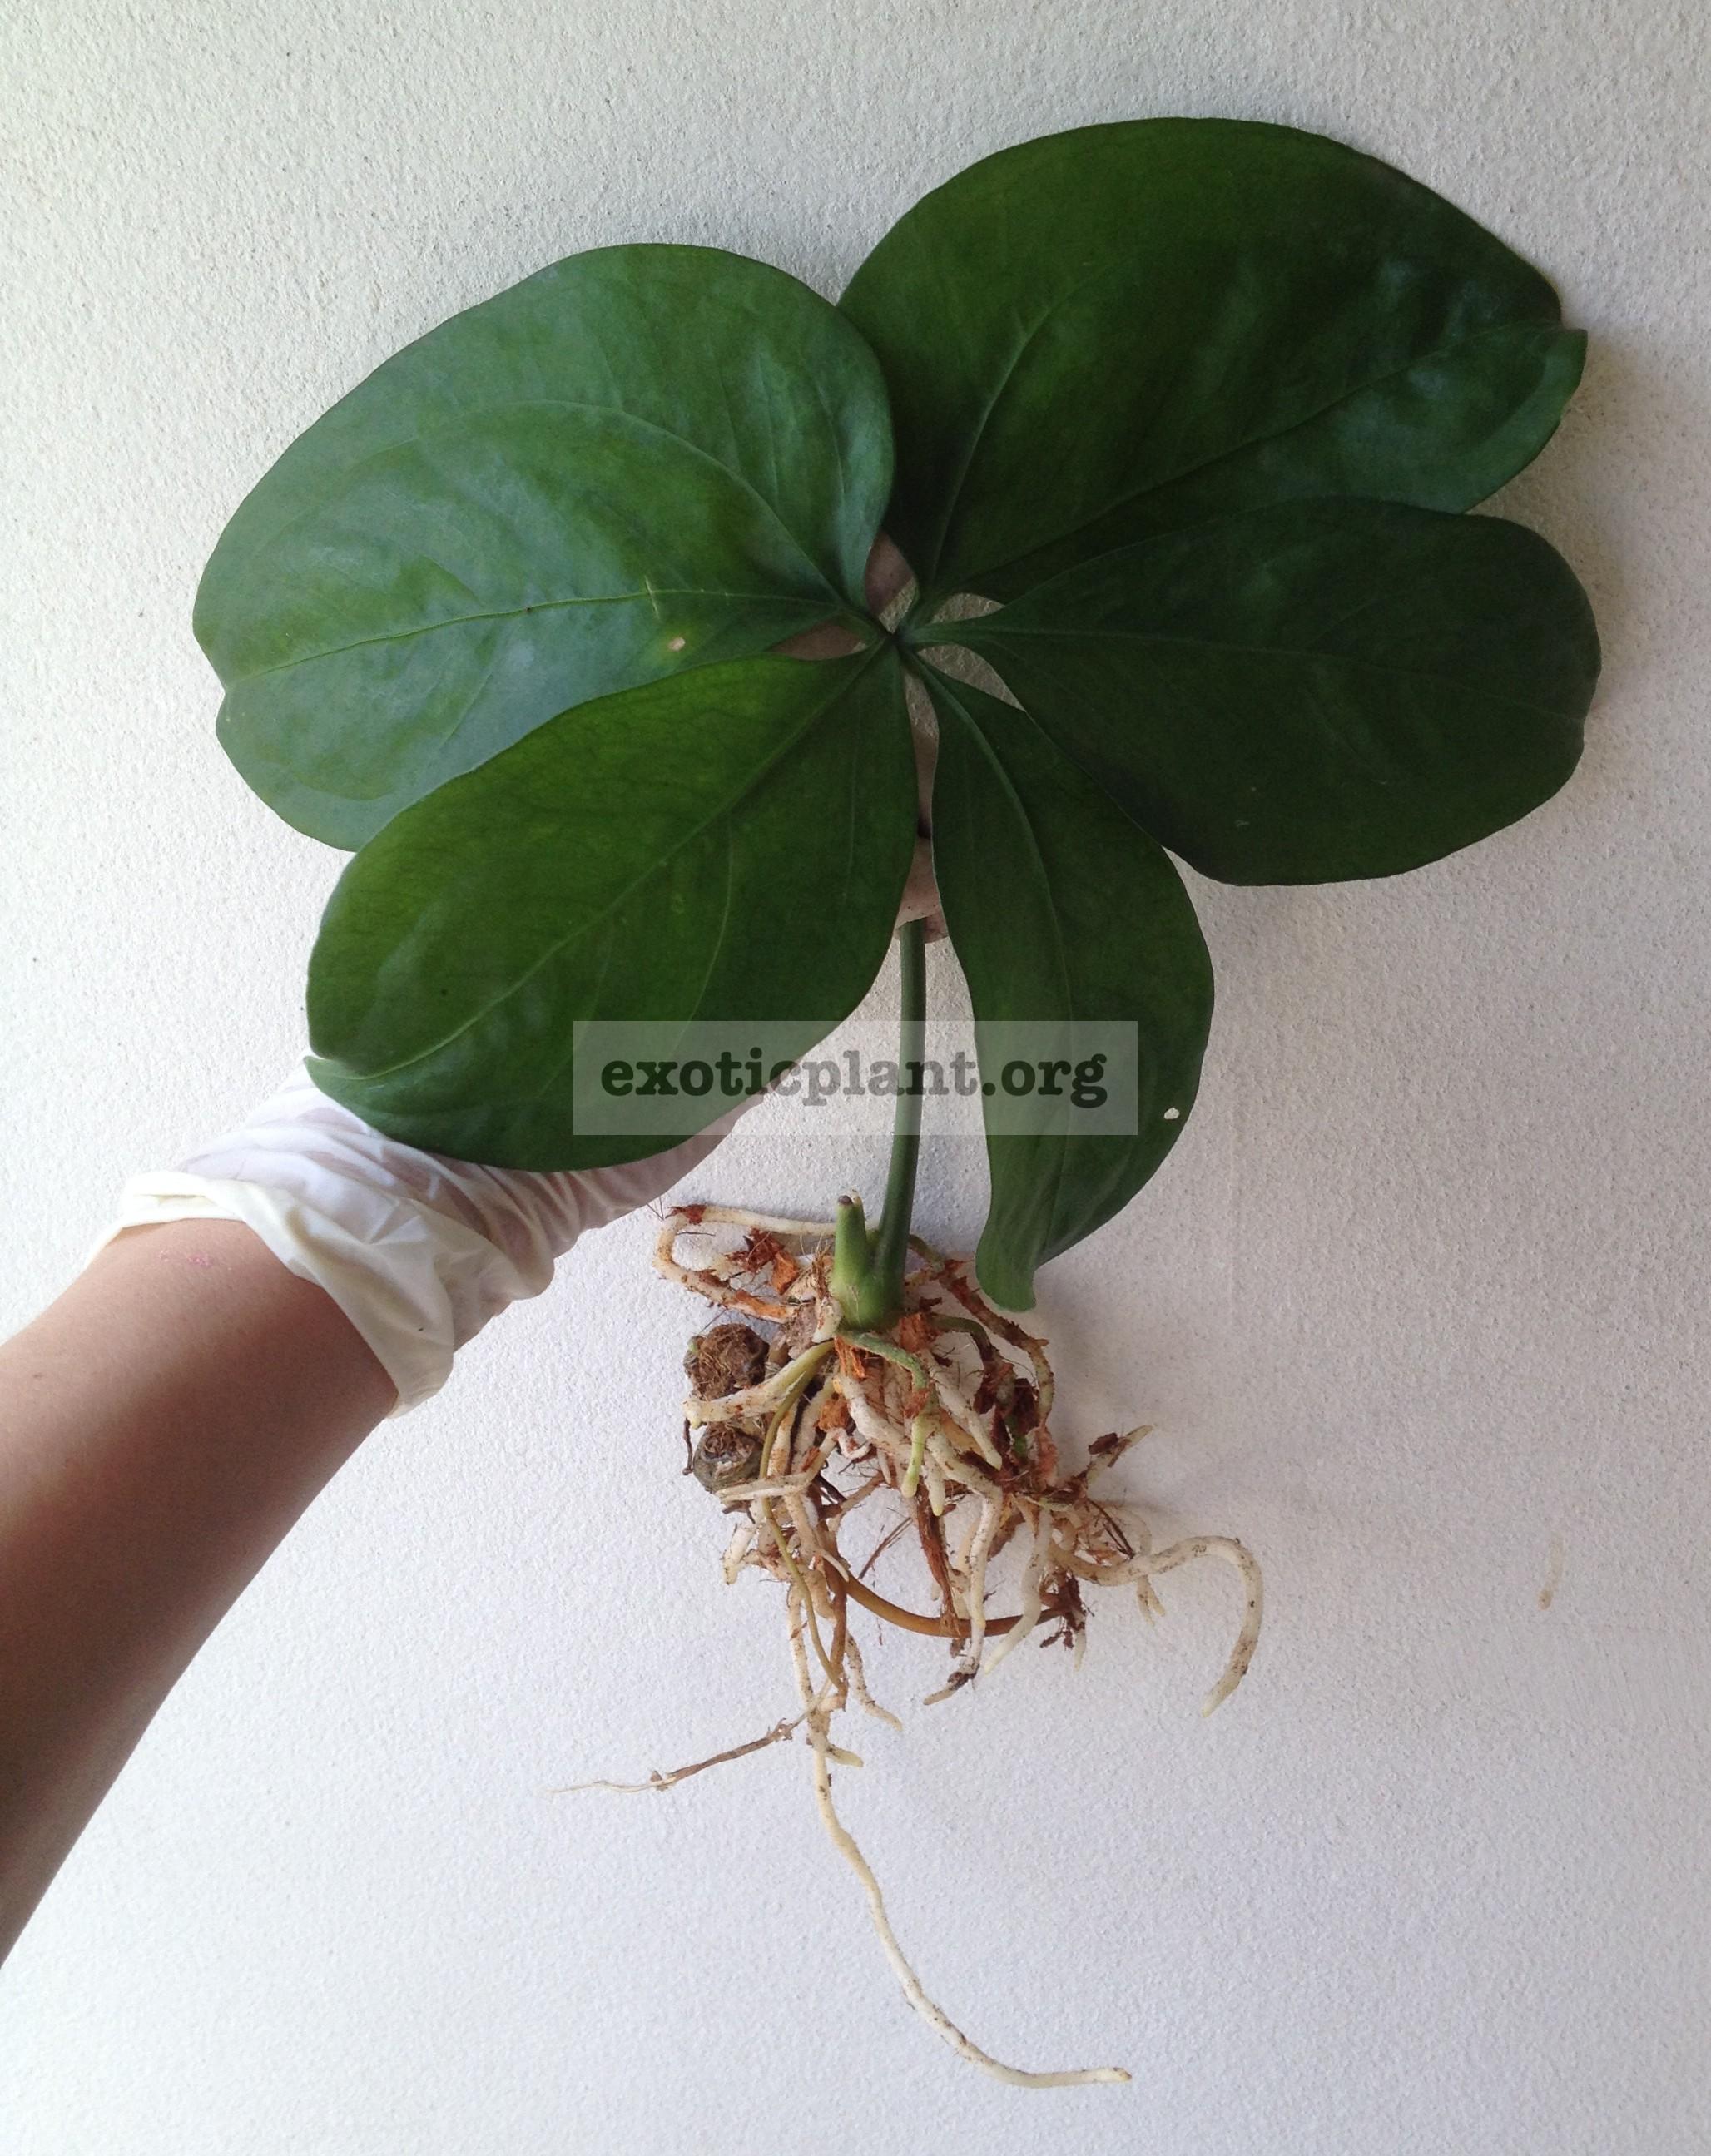 anthurium sp Round Tips 25-40 (по цене 25 временно недоступен)